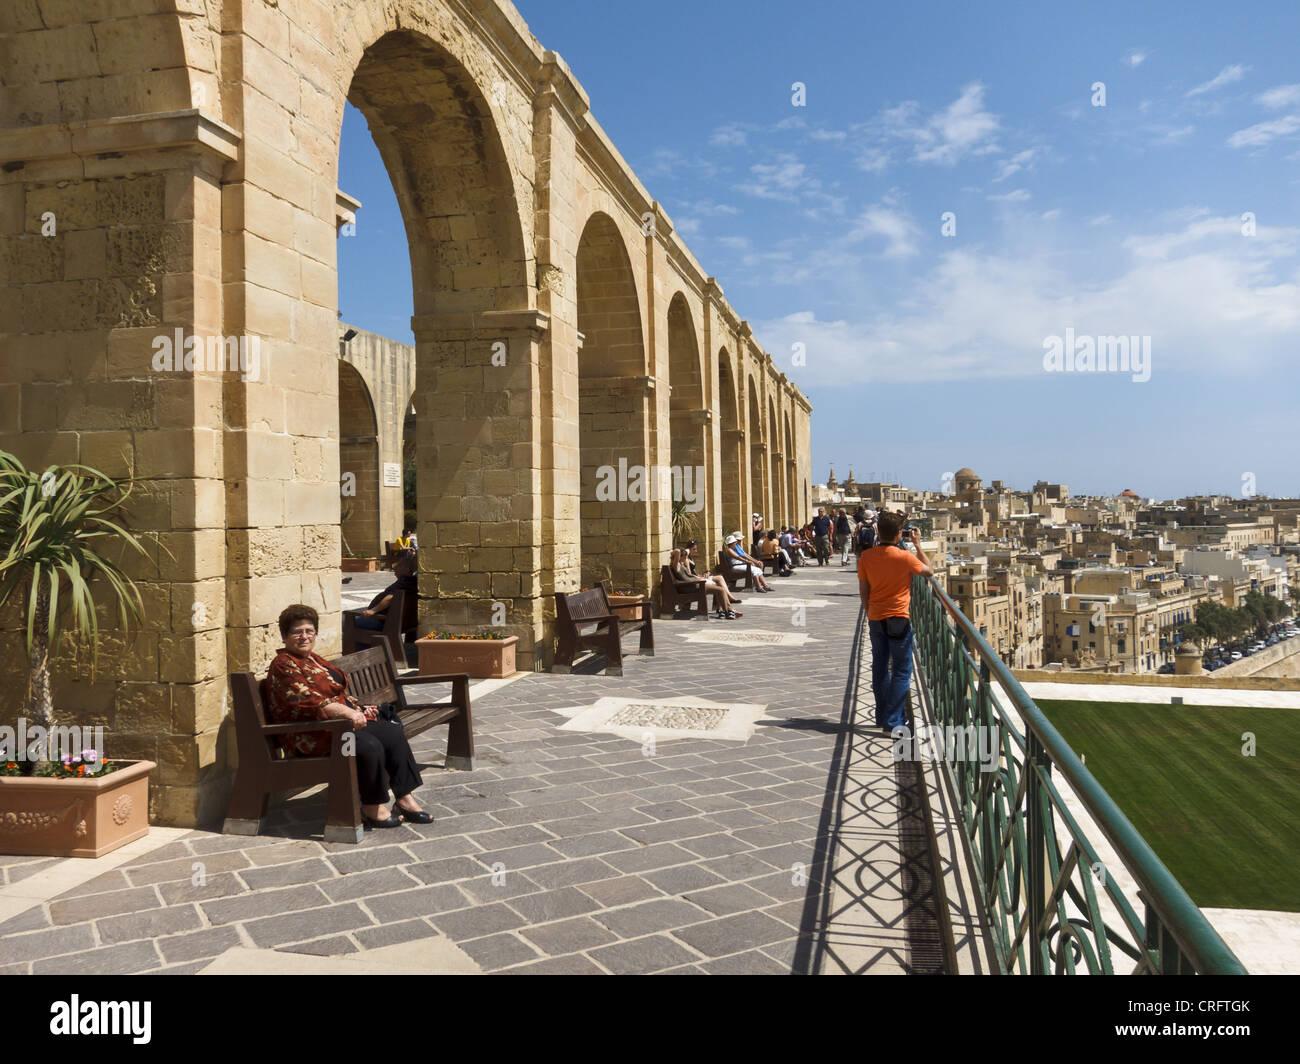 Upper Barrakka Gardens, Valletta, Malta. - Stock Image